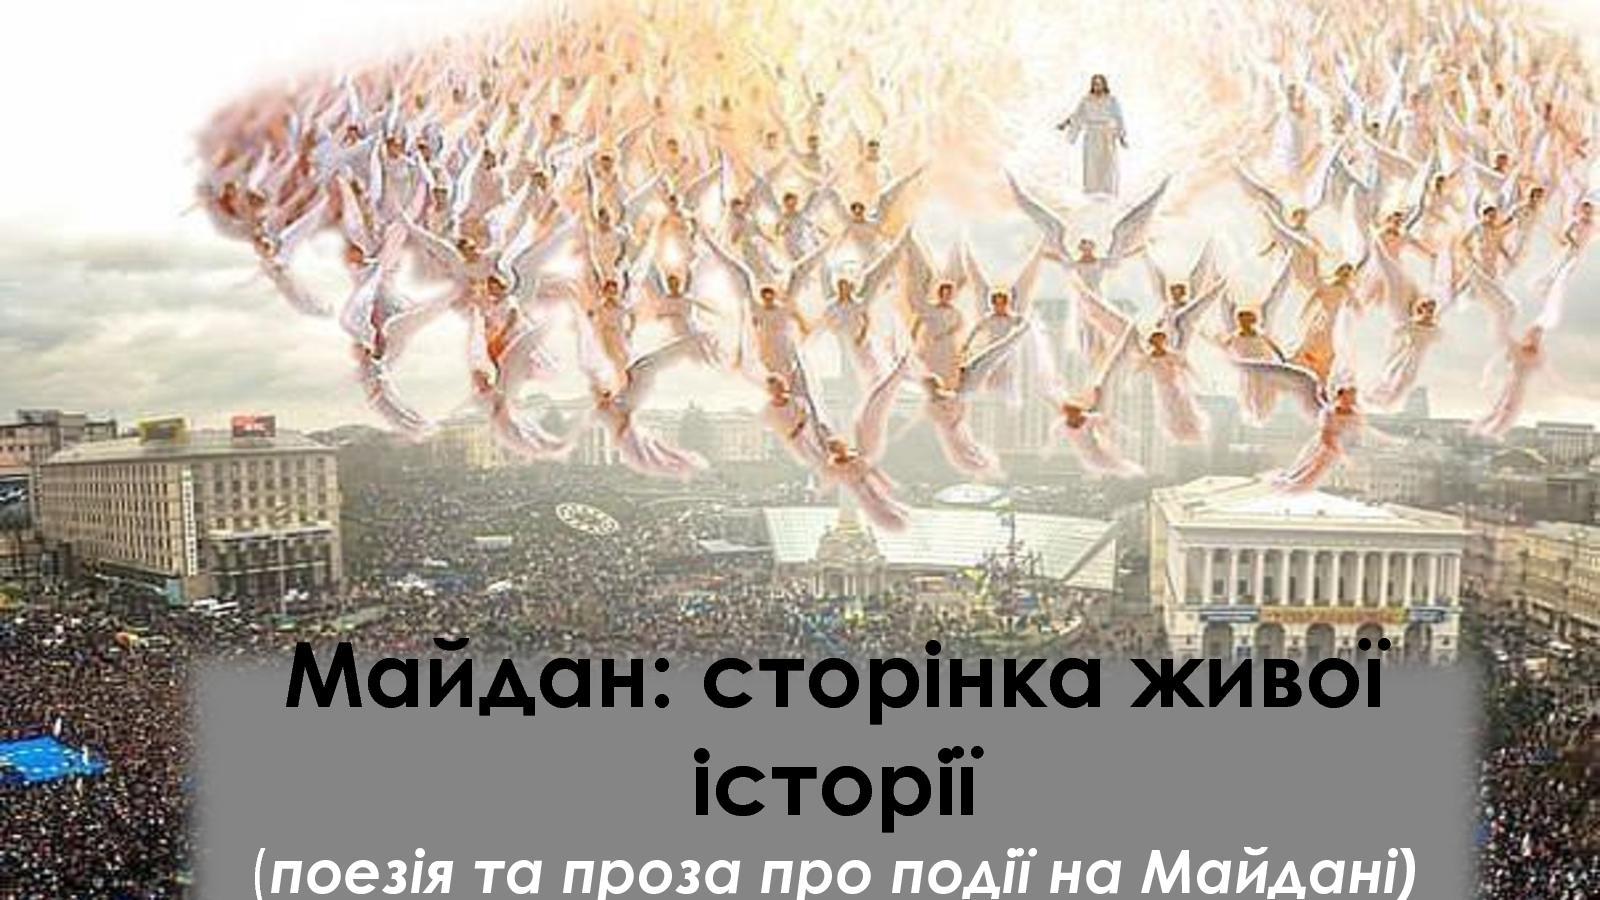 Майдан: сторінка живої історії (поезія та проза про події на Майдані)